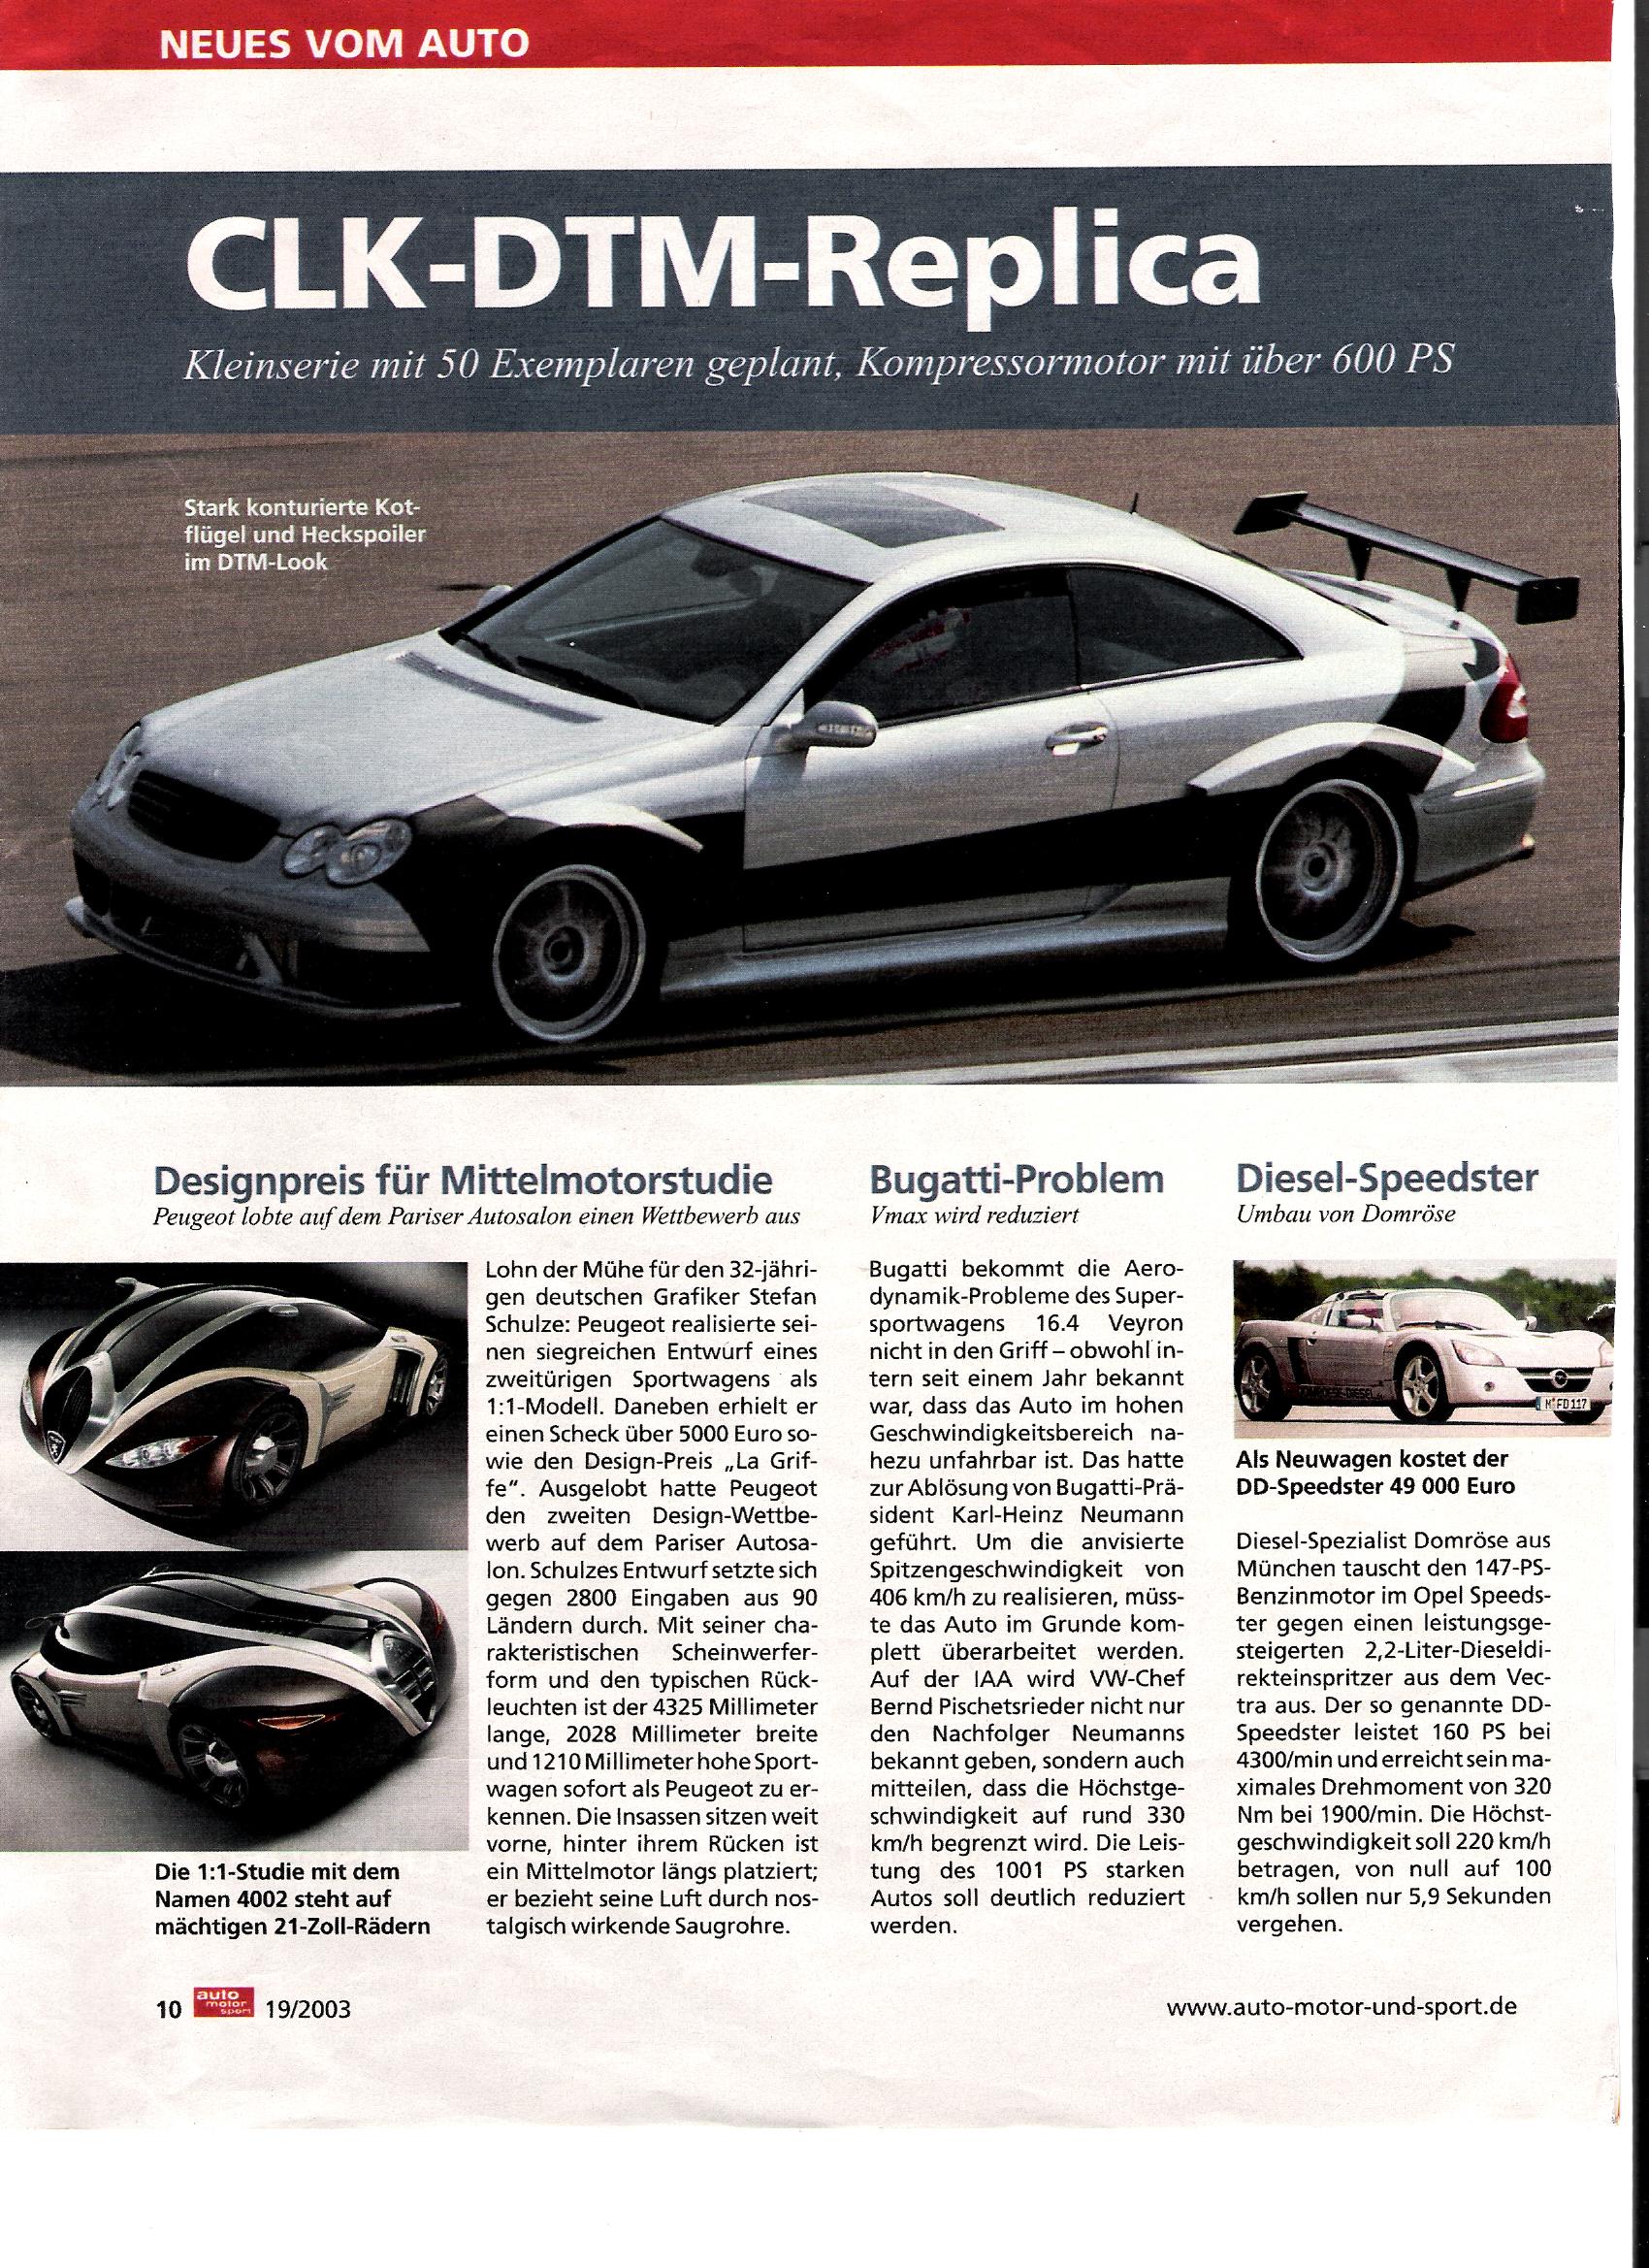 """Auto-Motor-und-Sport, 19. Februar 2003, """"CLK-DTM-Replica"""" über Domröse Diesel"""